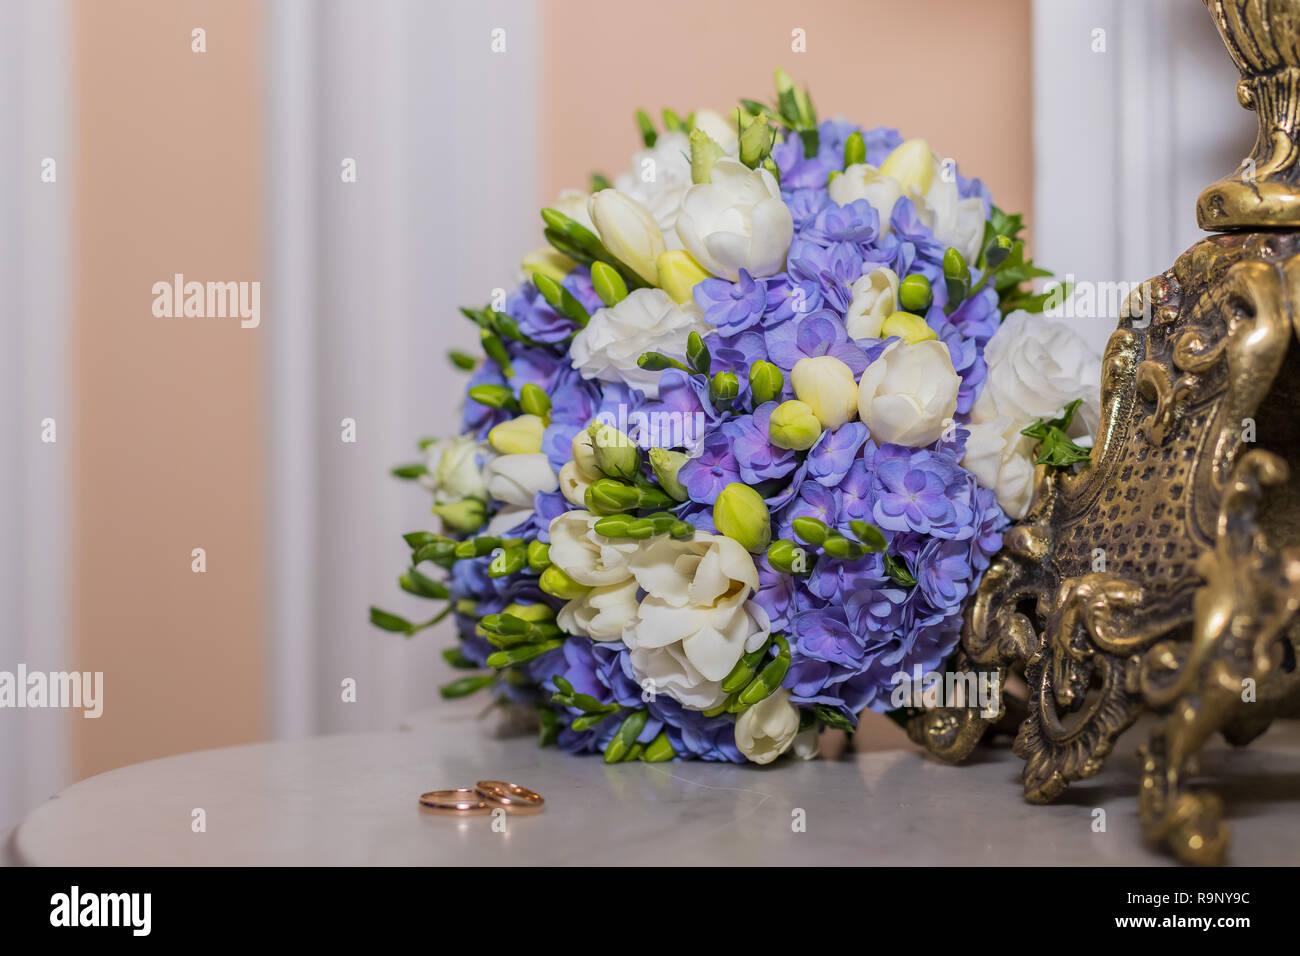 Trauringe Liegen Und Schonen Blumenstrauss Als Brautzusatze Zwei